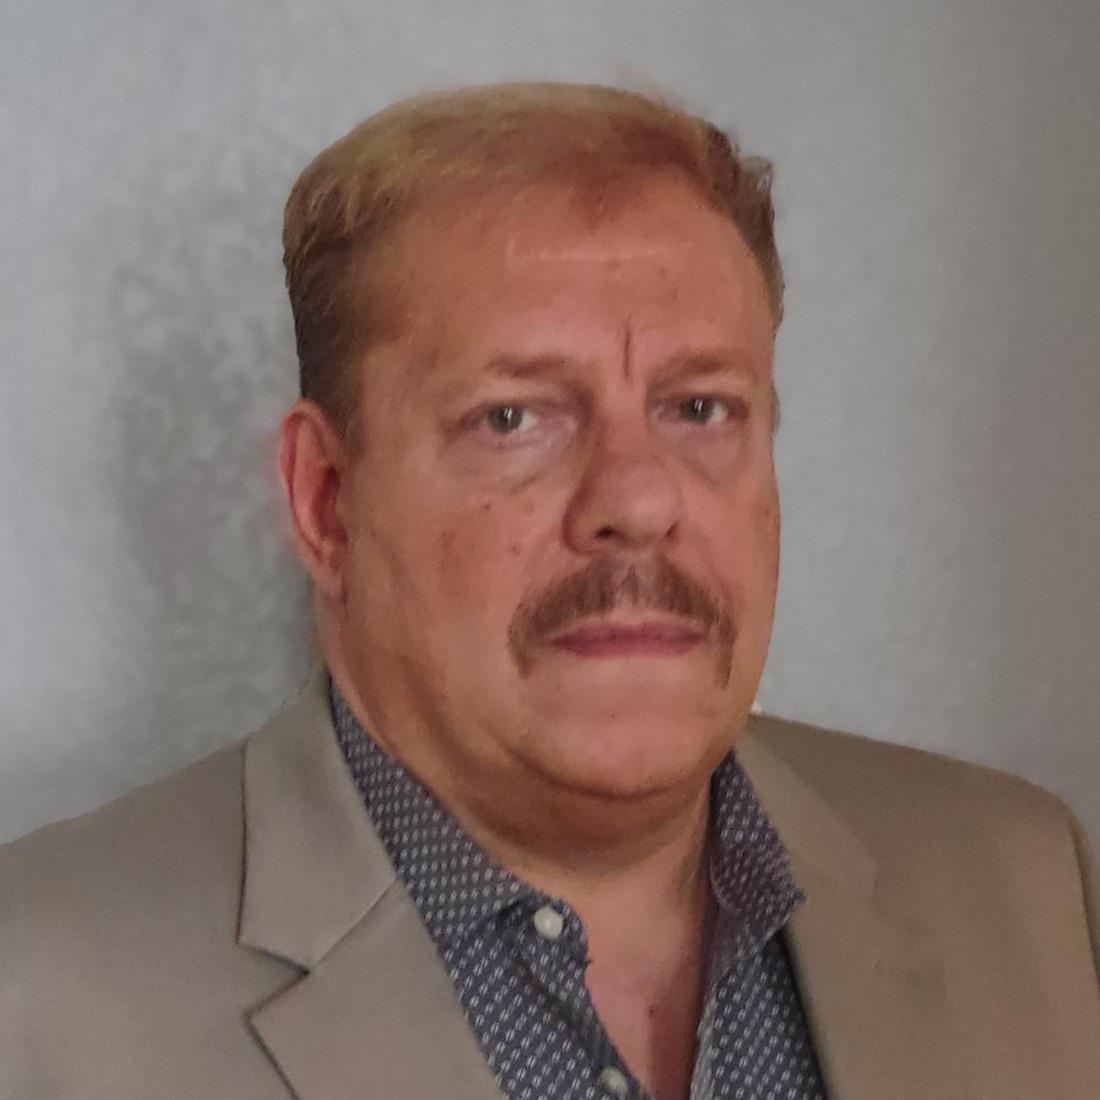 Mark Sanner